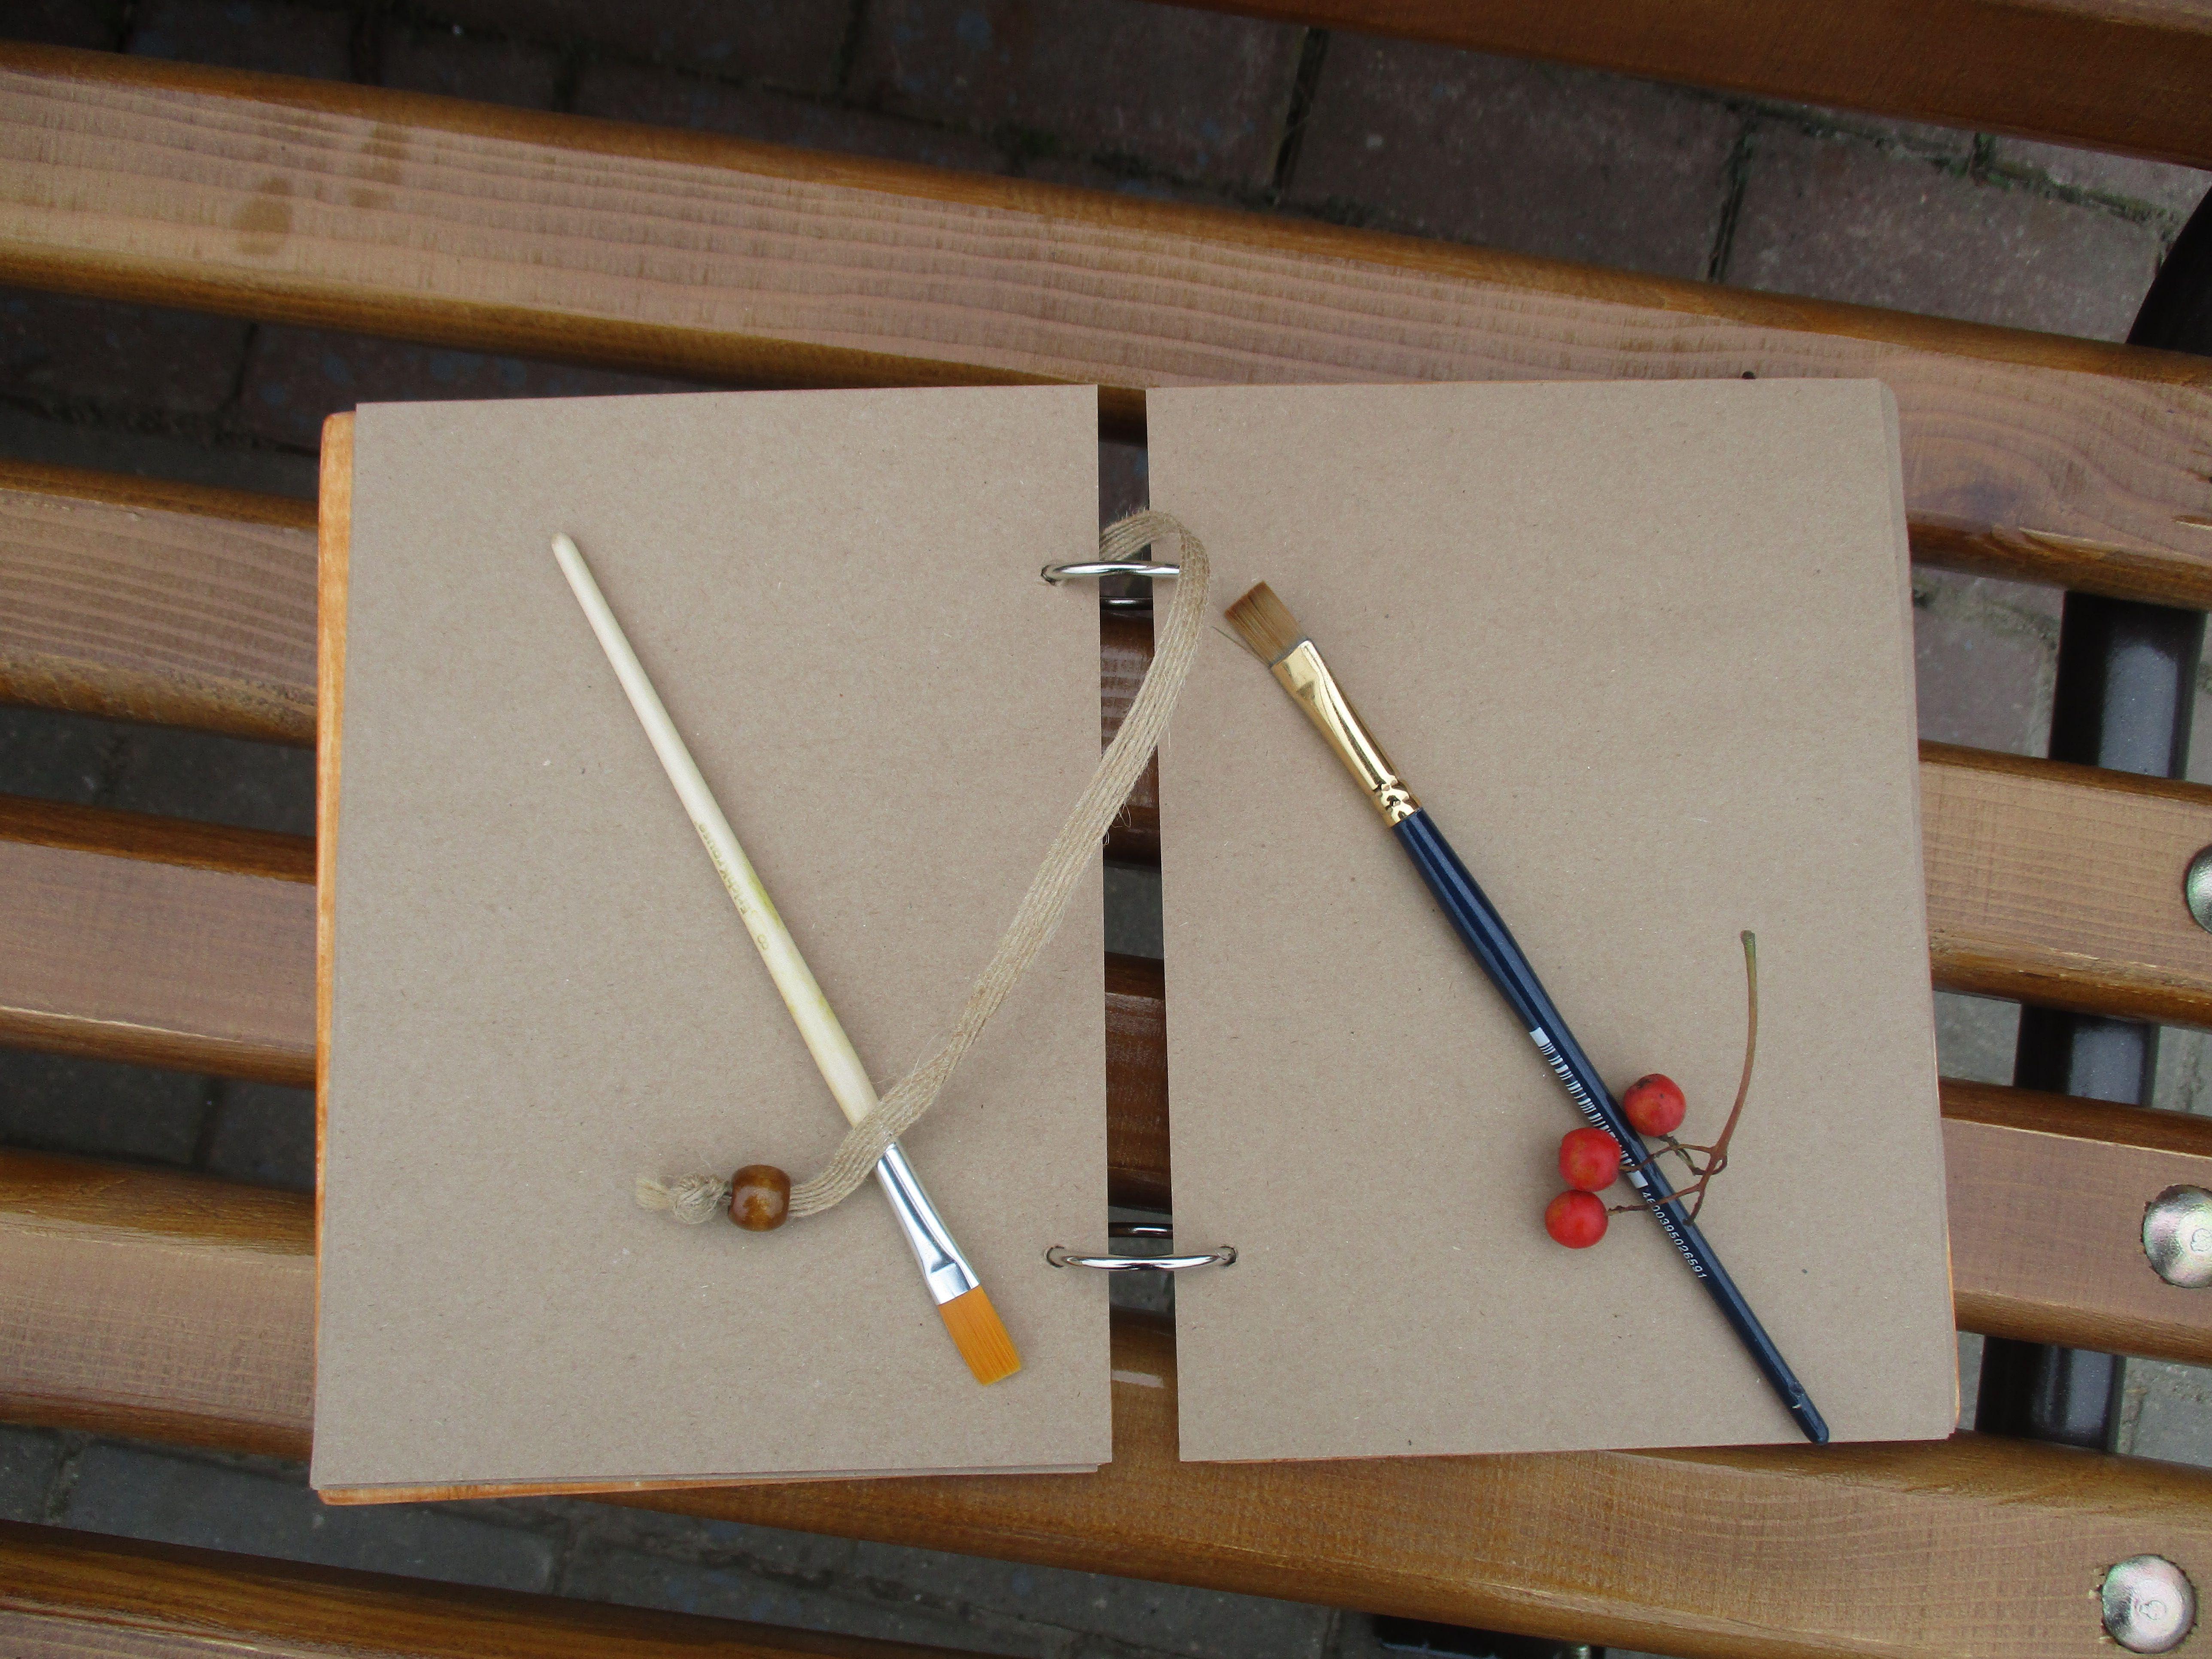 handmade пирография а6 блокнотнакольцах деревянныйблокнот scetchbook soulbook artbook burningwood woodbook woodburning выжиганиеподереву вналичии планшетдлярисования pyrography дляакварели дляграфики скетчбукнакольцах дляскетчей планшет скетчбук ручнаяработа